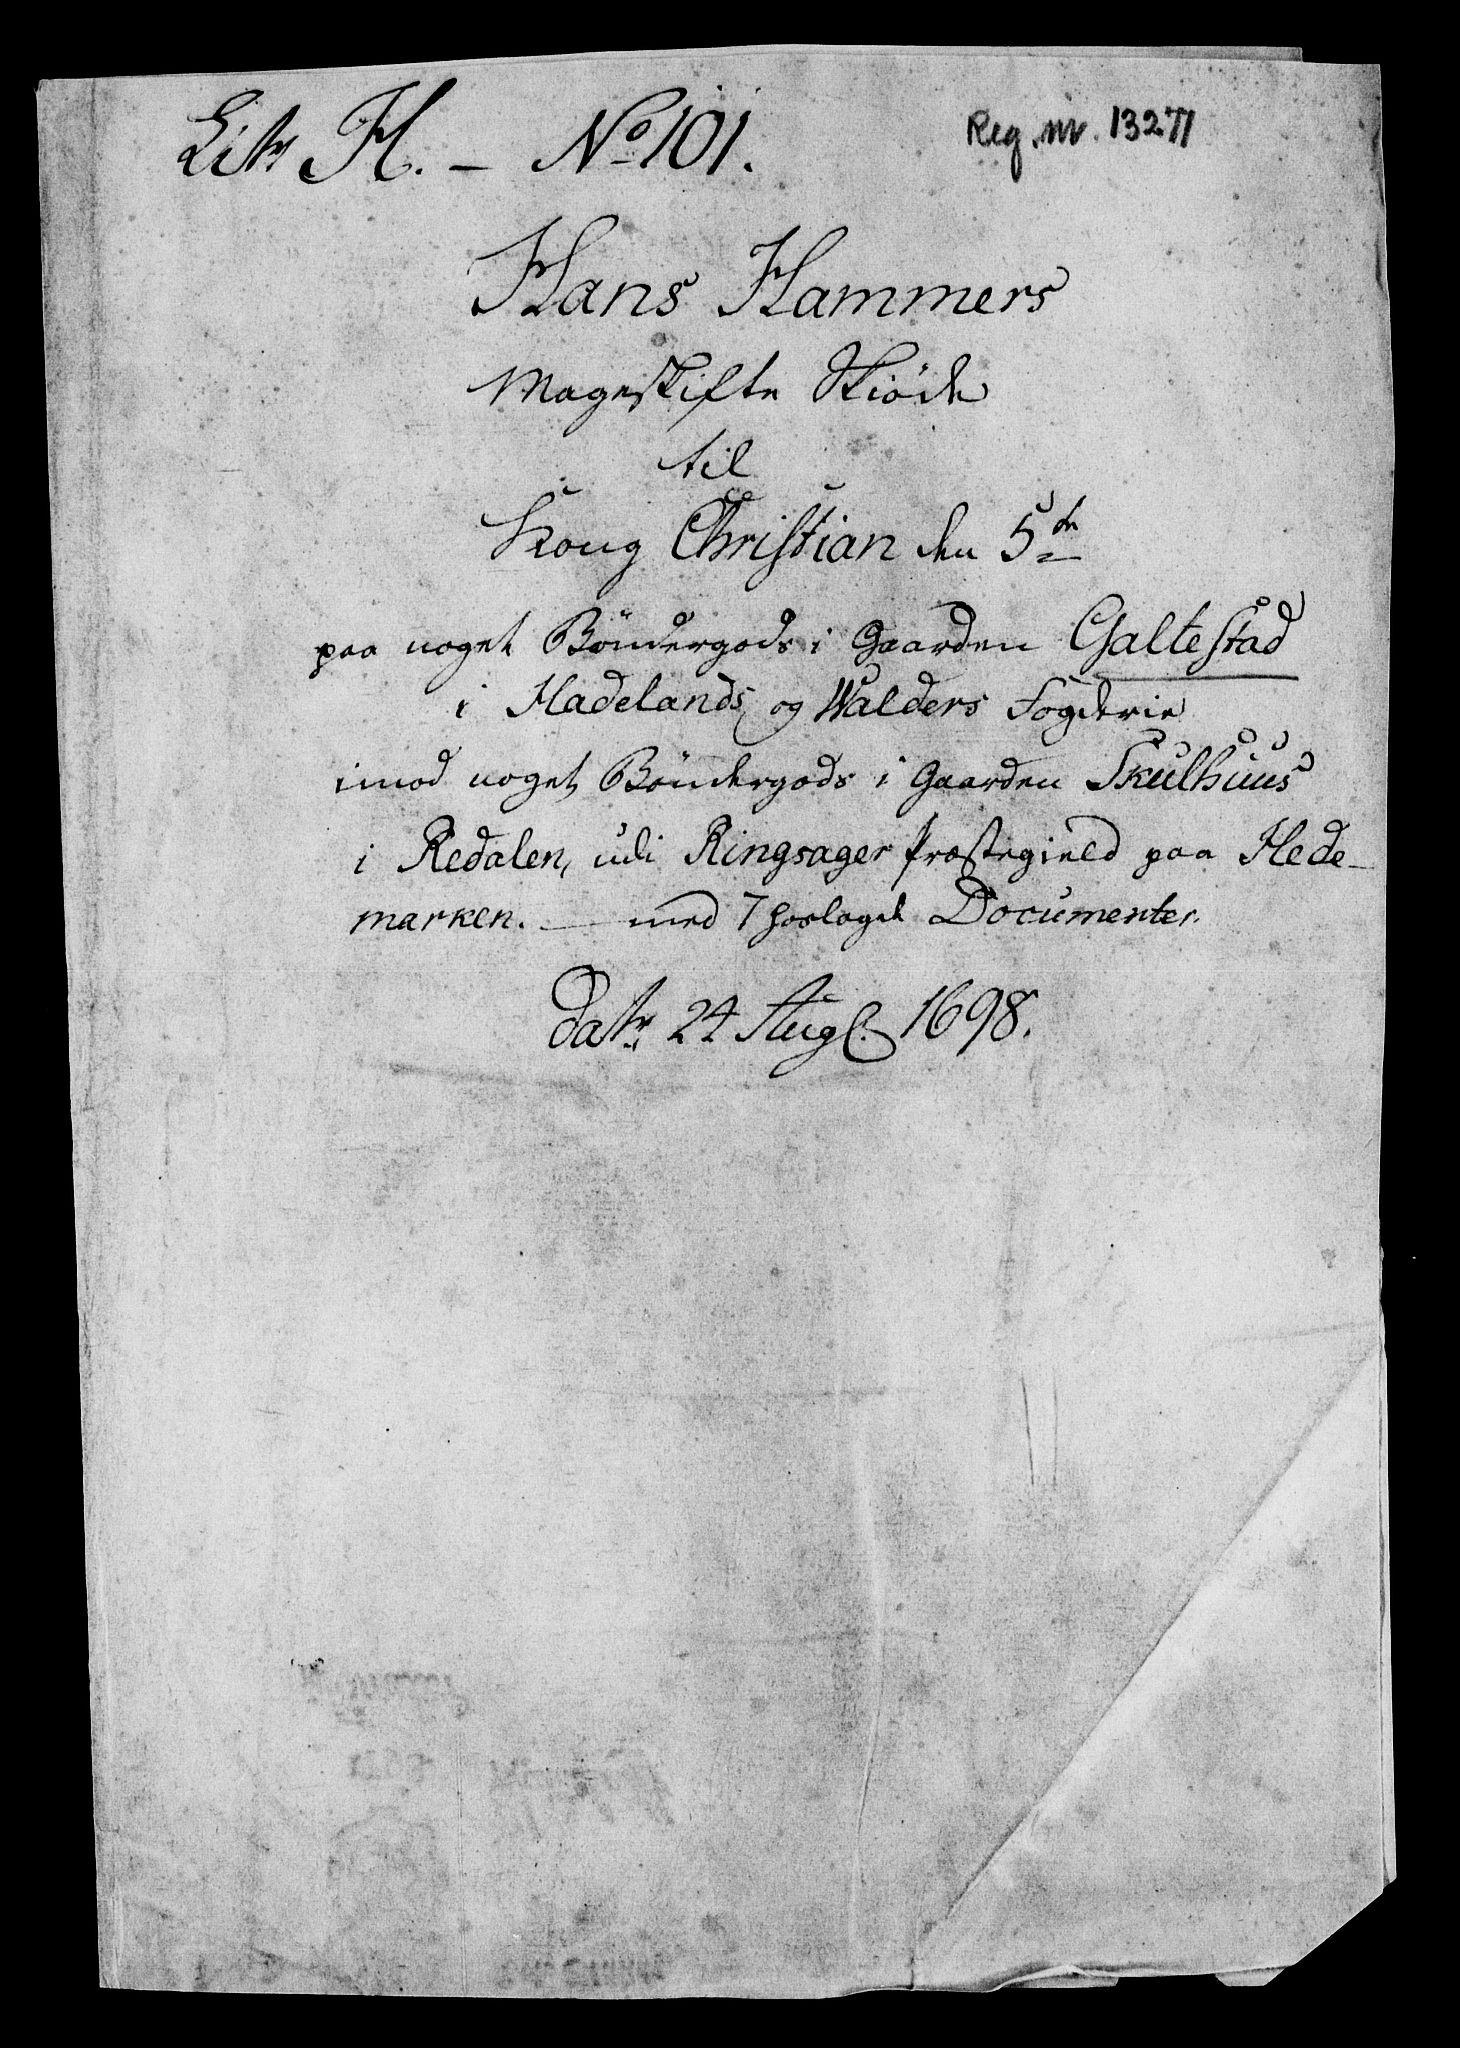 RA, Rentekammeret inntil 1814, Realistisk ordnet avdeling, On/L0013: [Jj 14]: Forskjellige dokumenter om krongodset i Norge, 1672-1722, s. 420